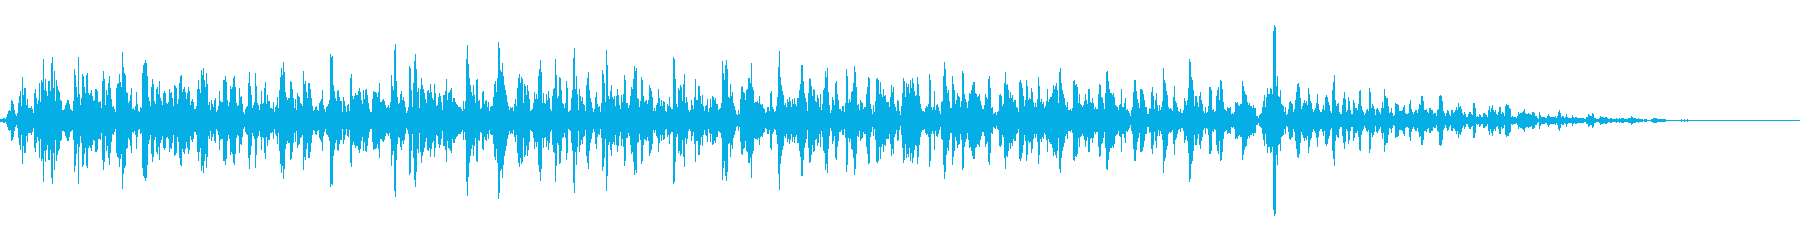 実験中のようなブクブク音の再生済みの波形